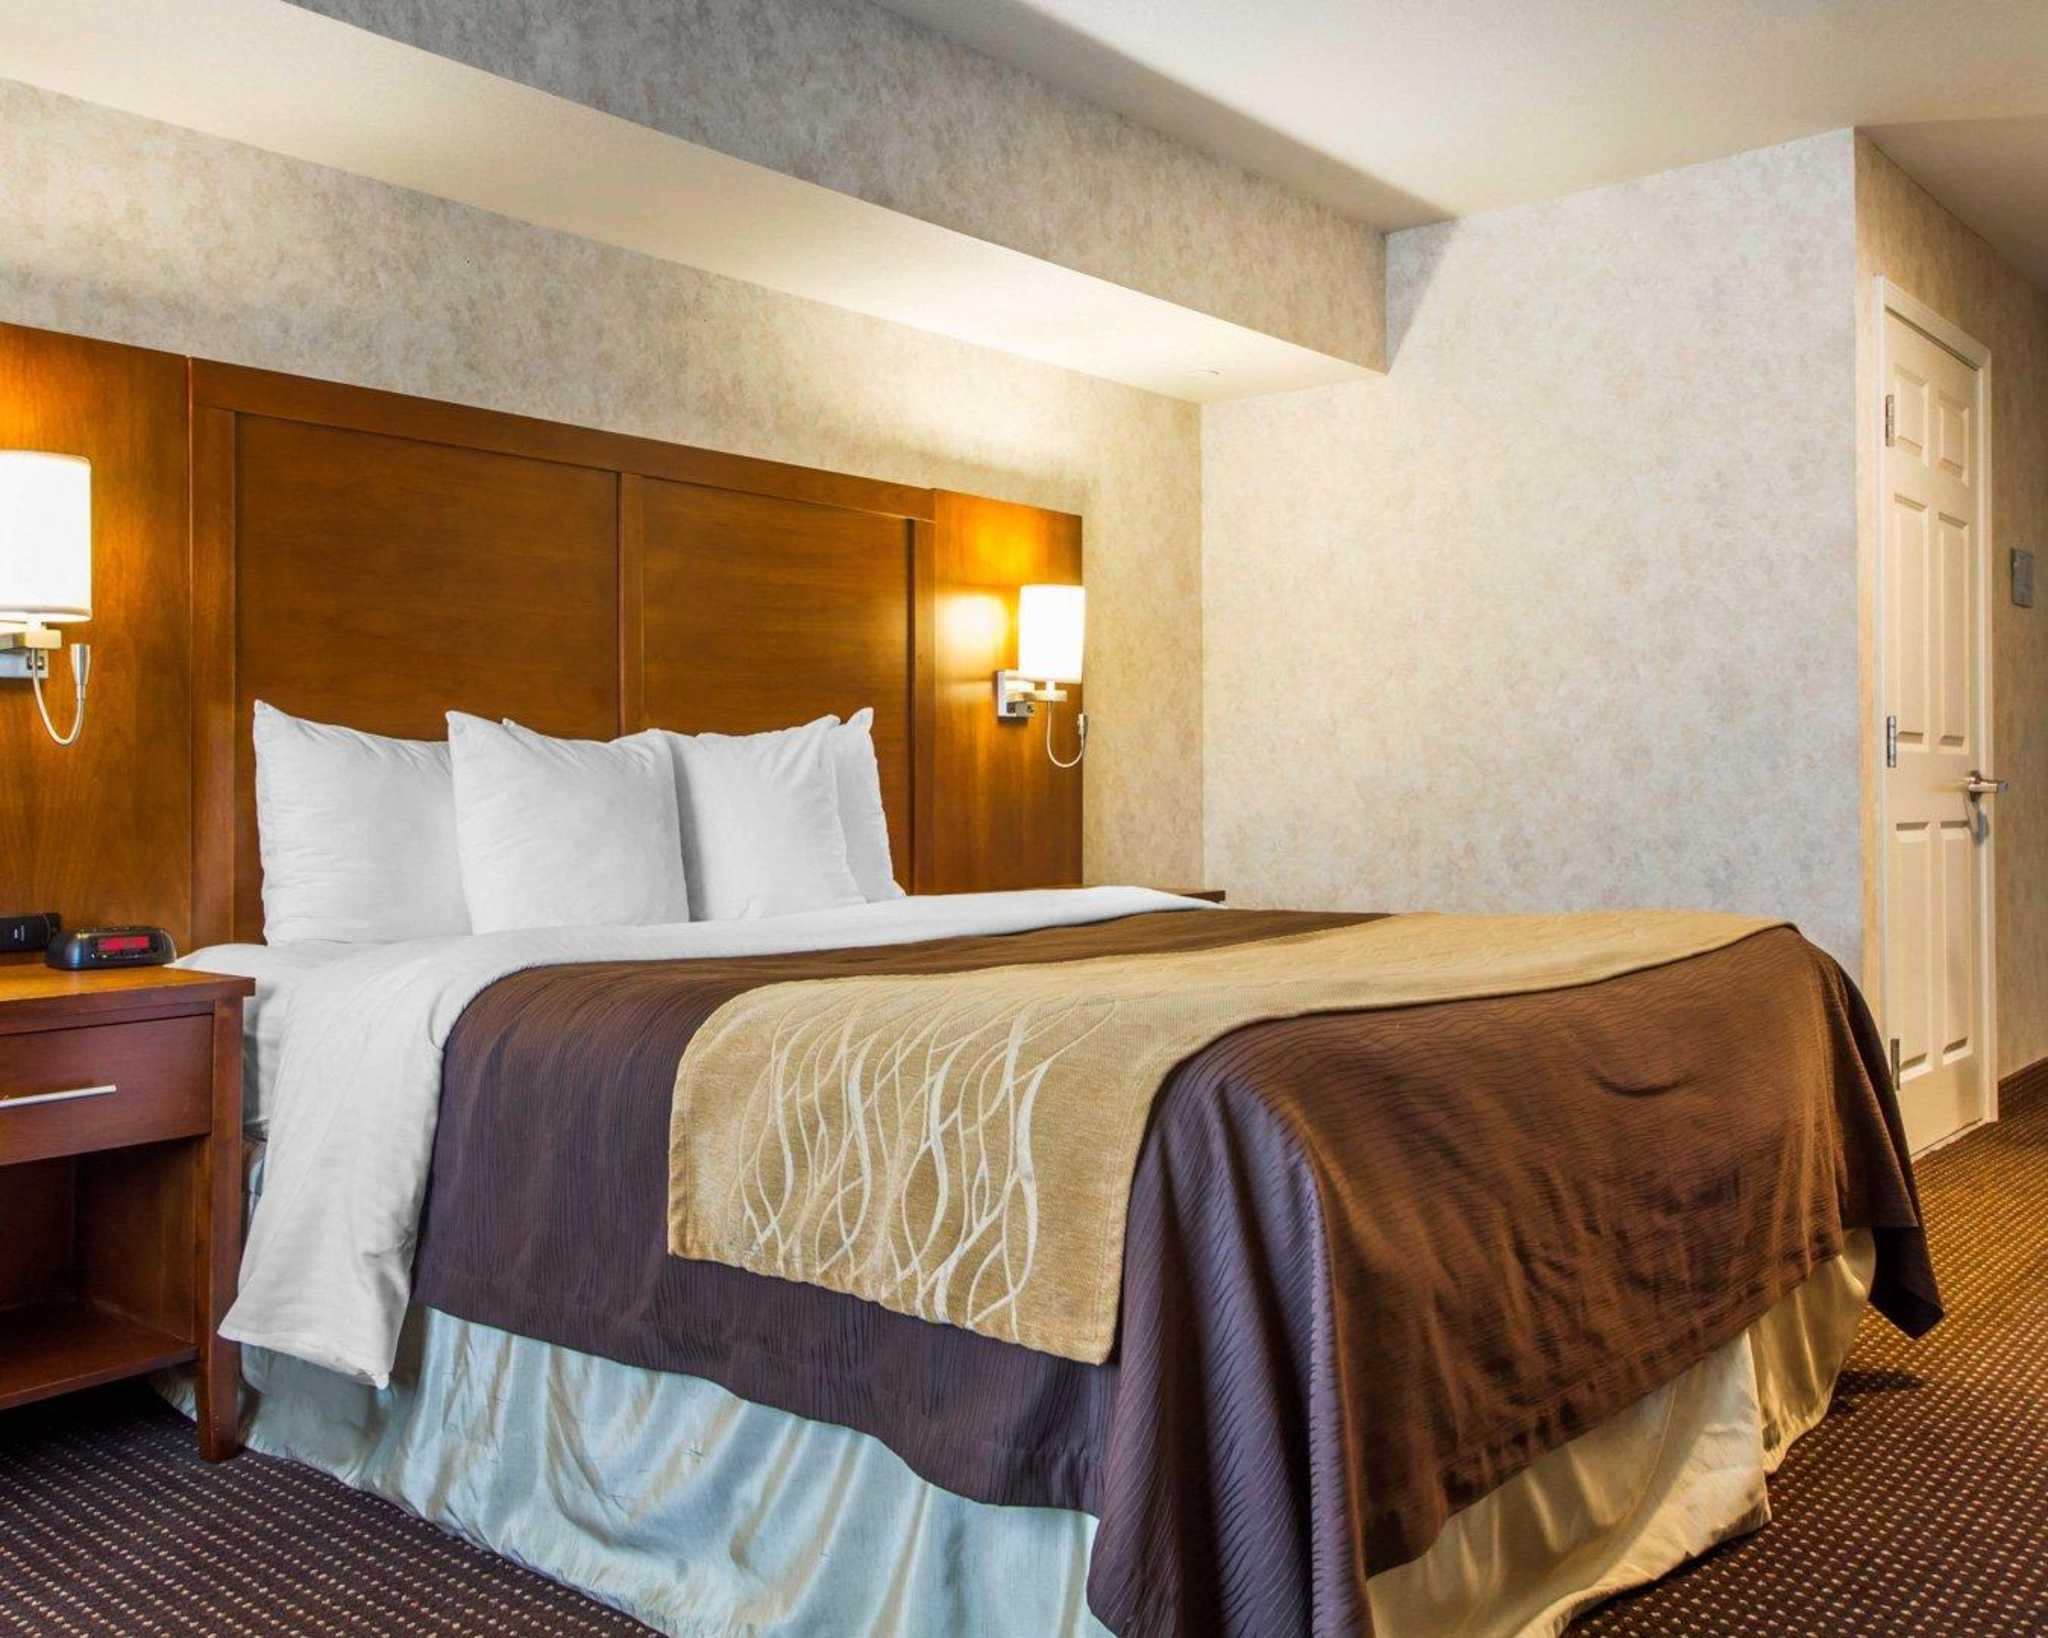 Comfort Inn image 26